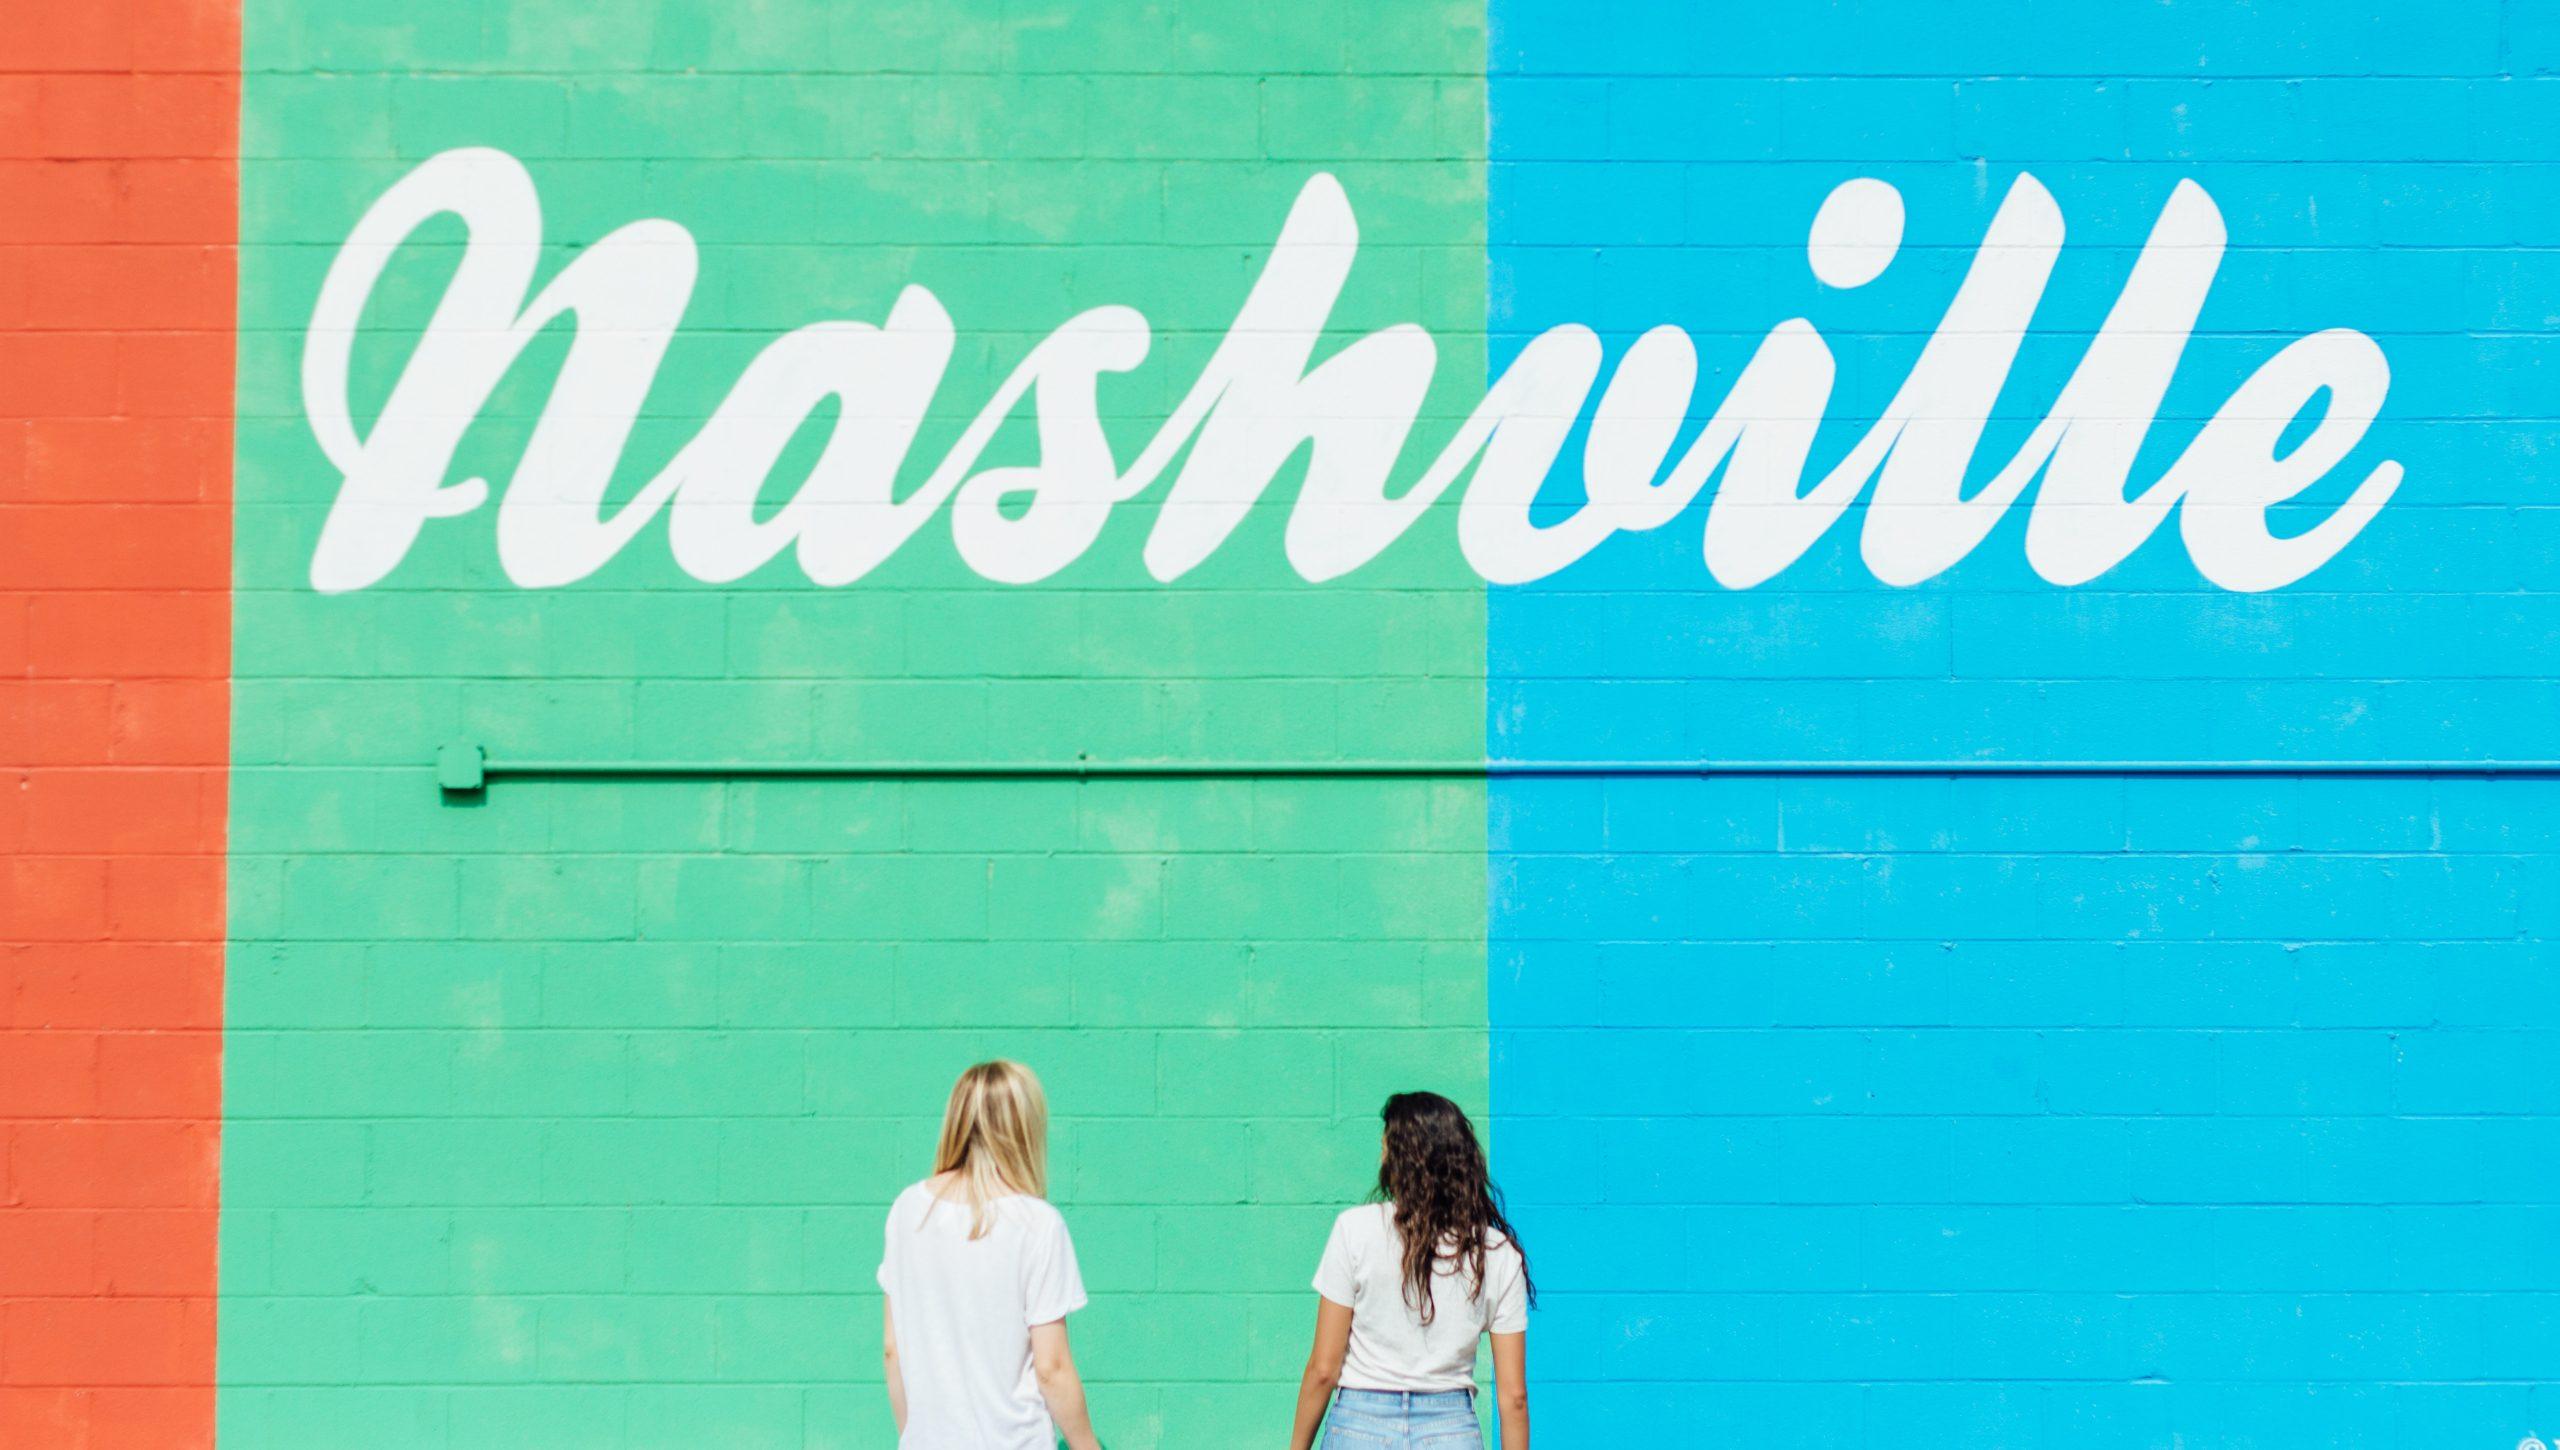 Nashville mural | PHOTO Katy Belcher